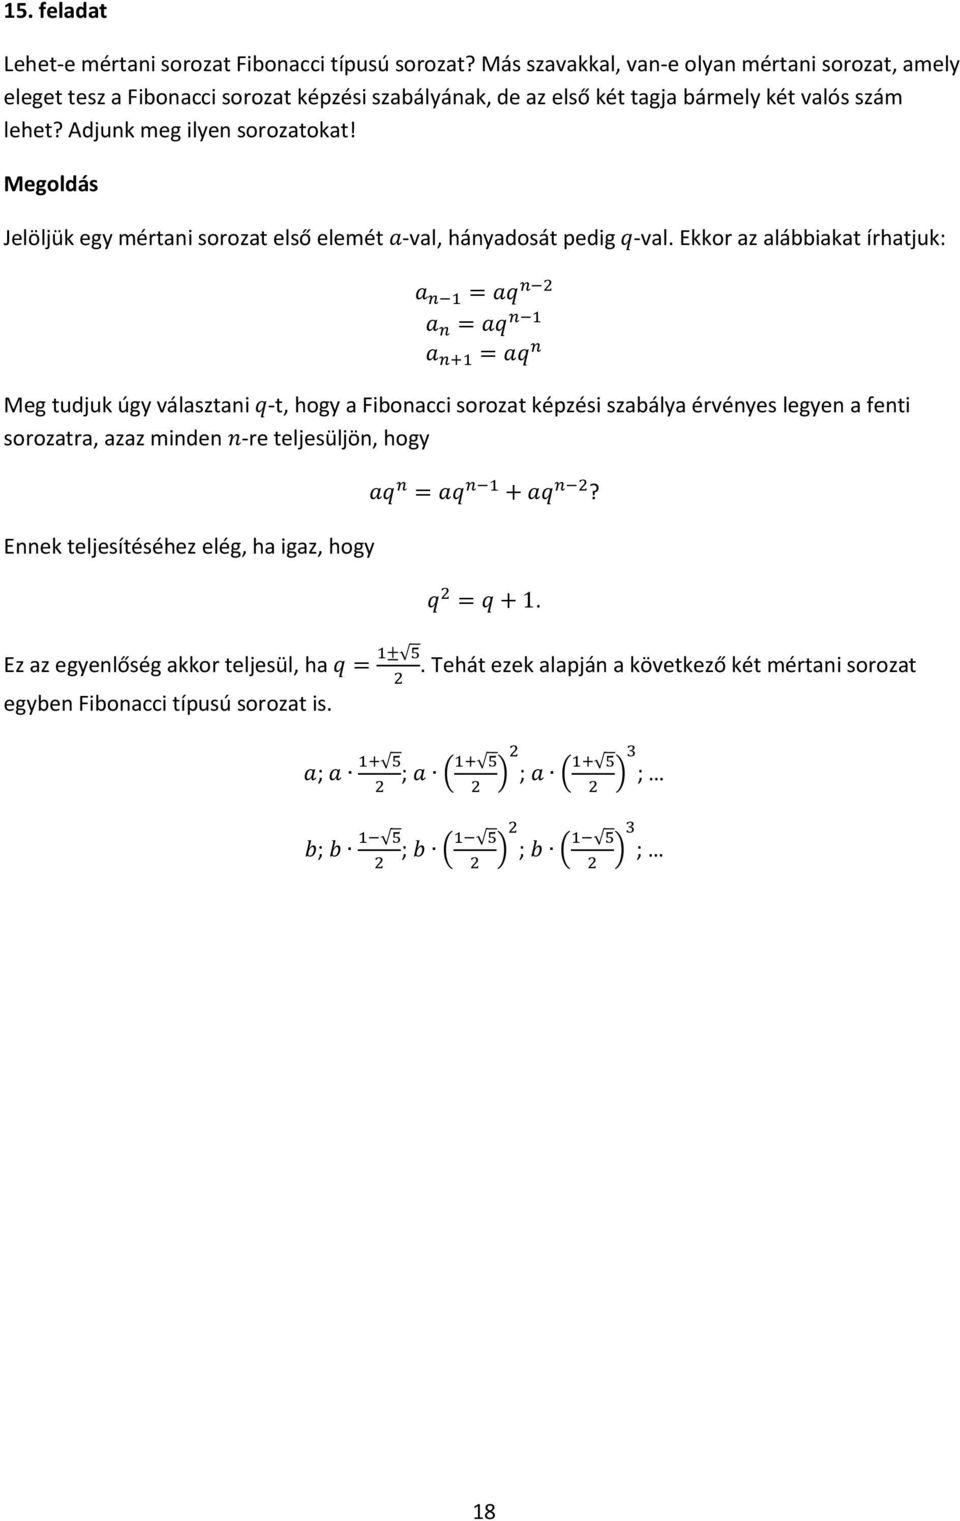 Fibonacci kiterjesztések és javítások)